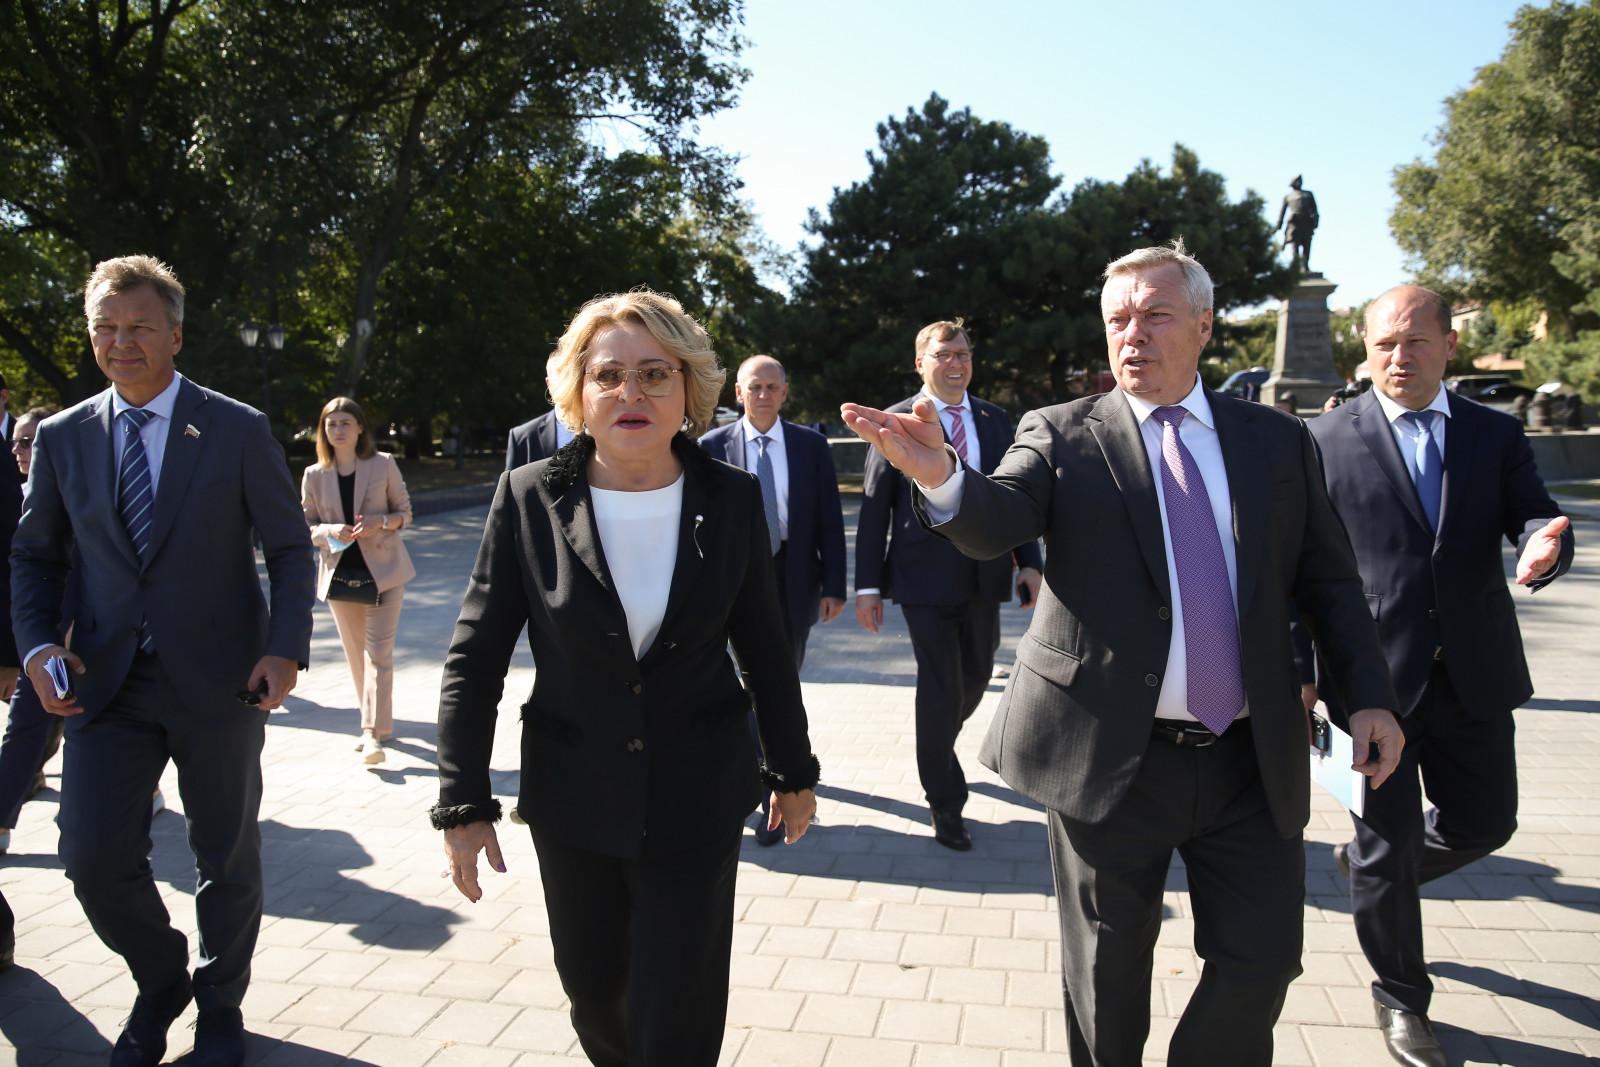 Валентина Матвиенко оценила работу по благоустройству Таганрога